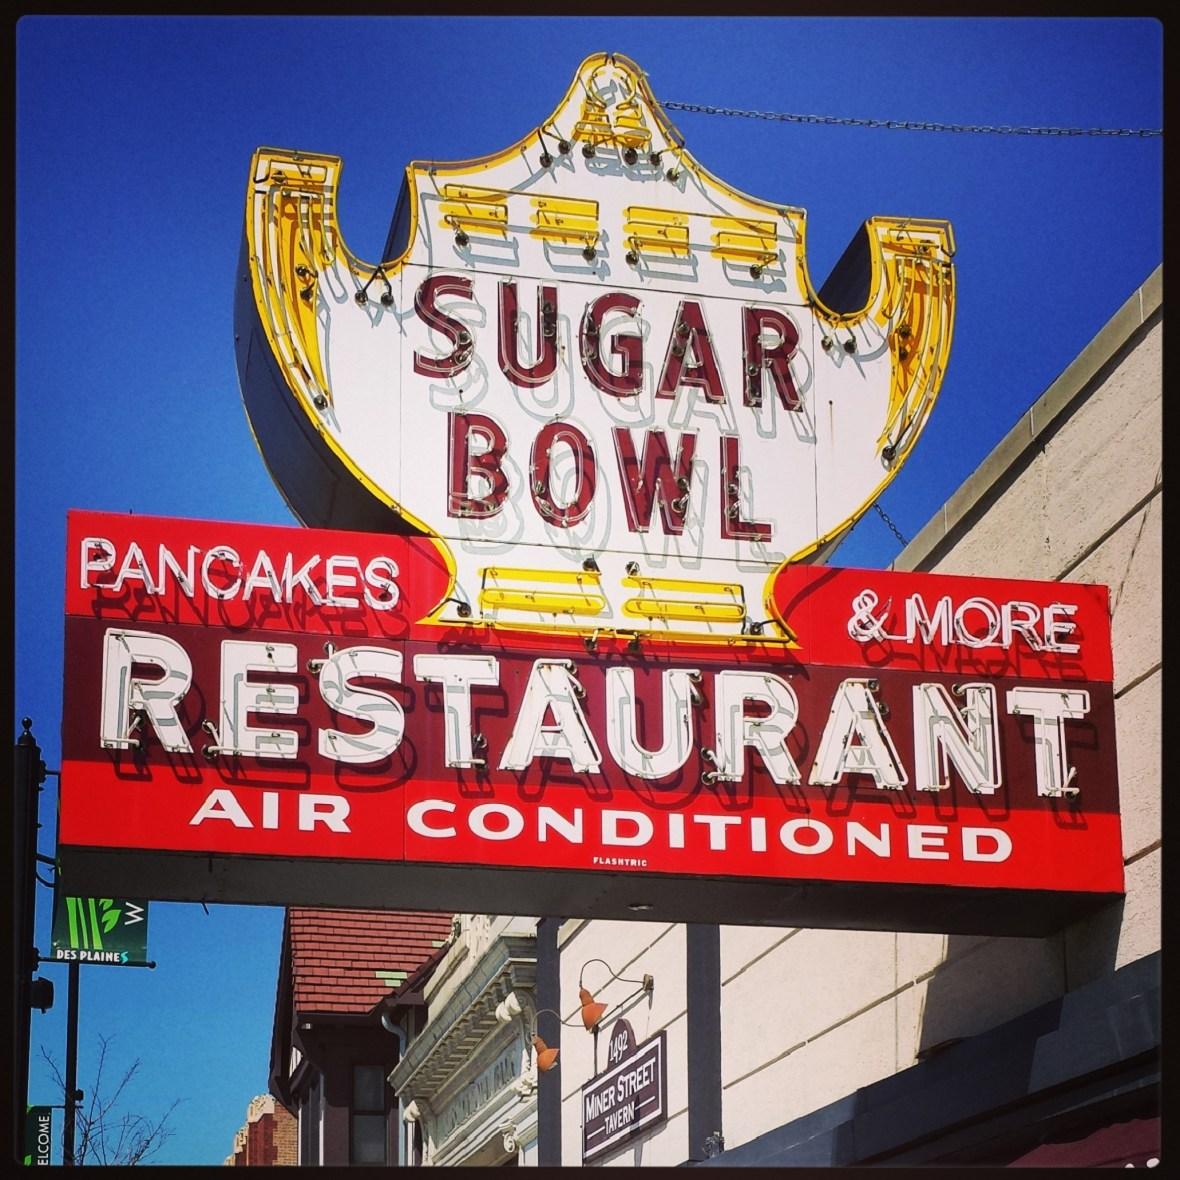 Sugar Bowl Restaurant - Des Plaines, Illinois U.S.A. - April 13, 2014